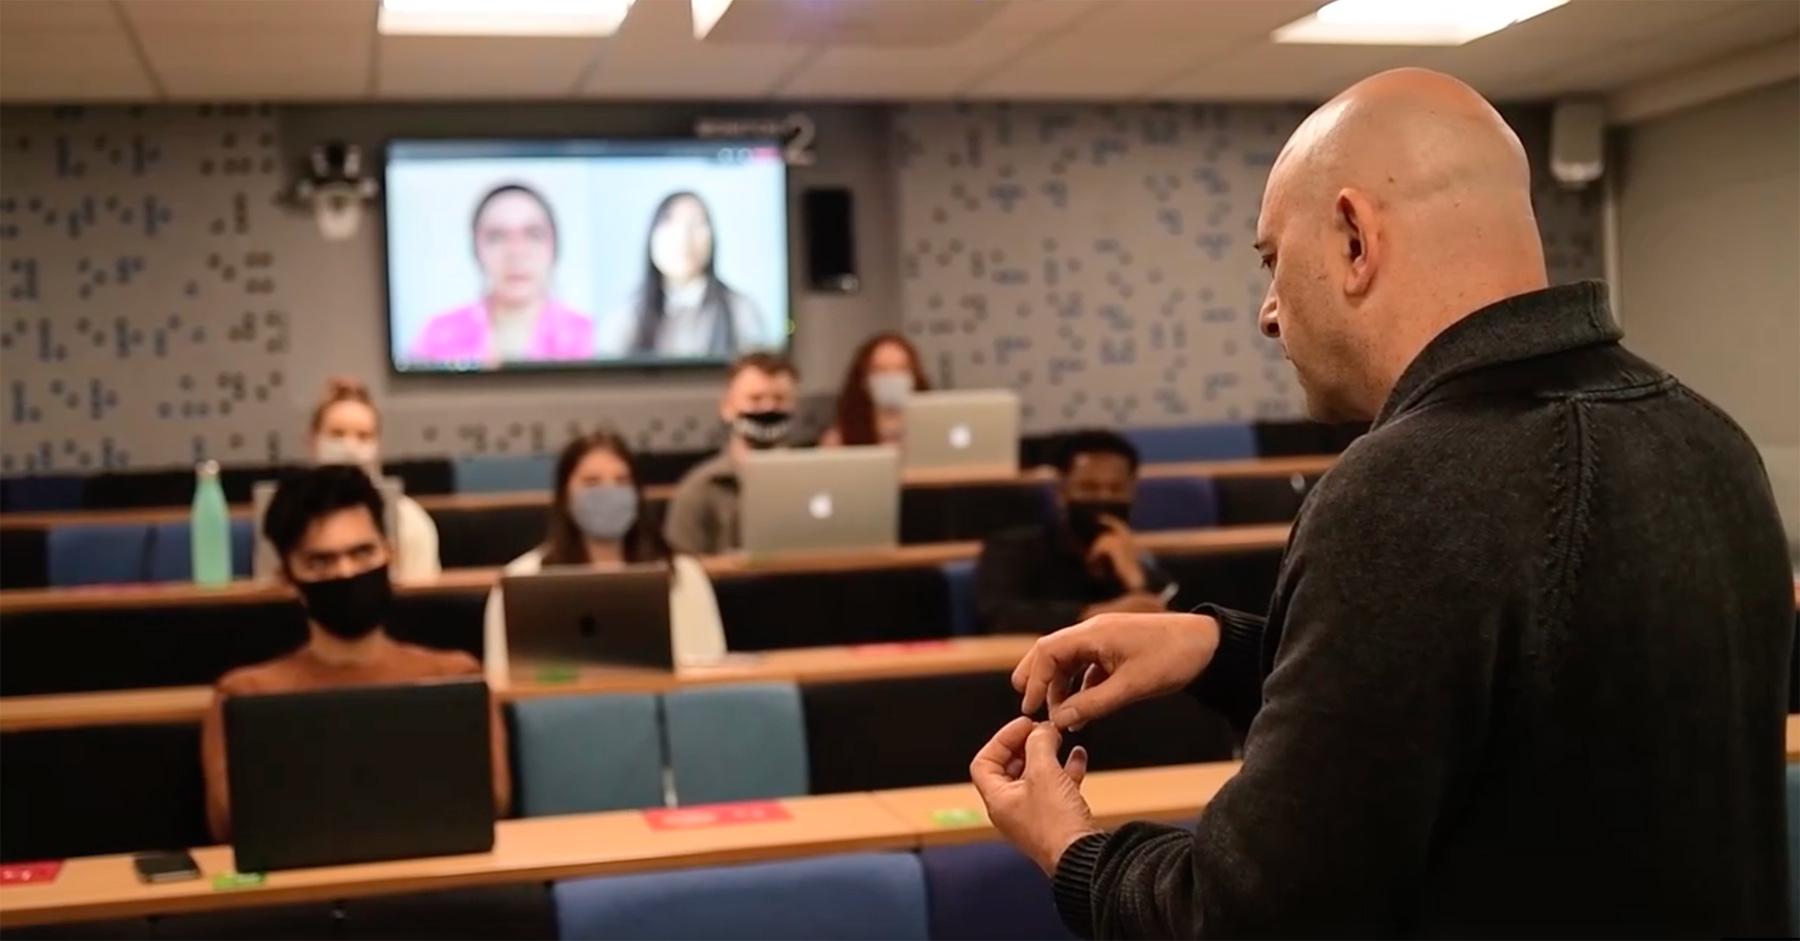 Teaching in an AV enhanced space